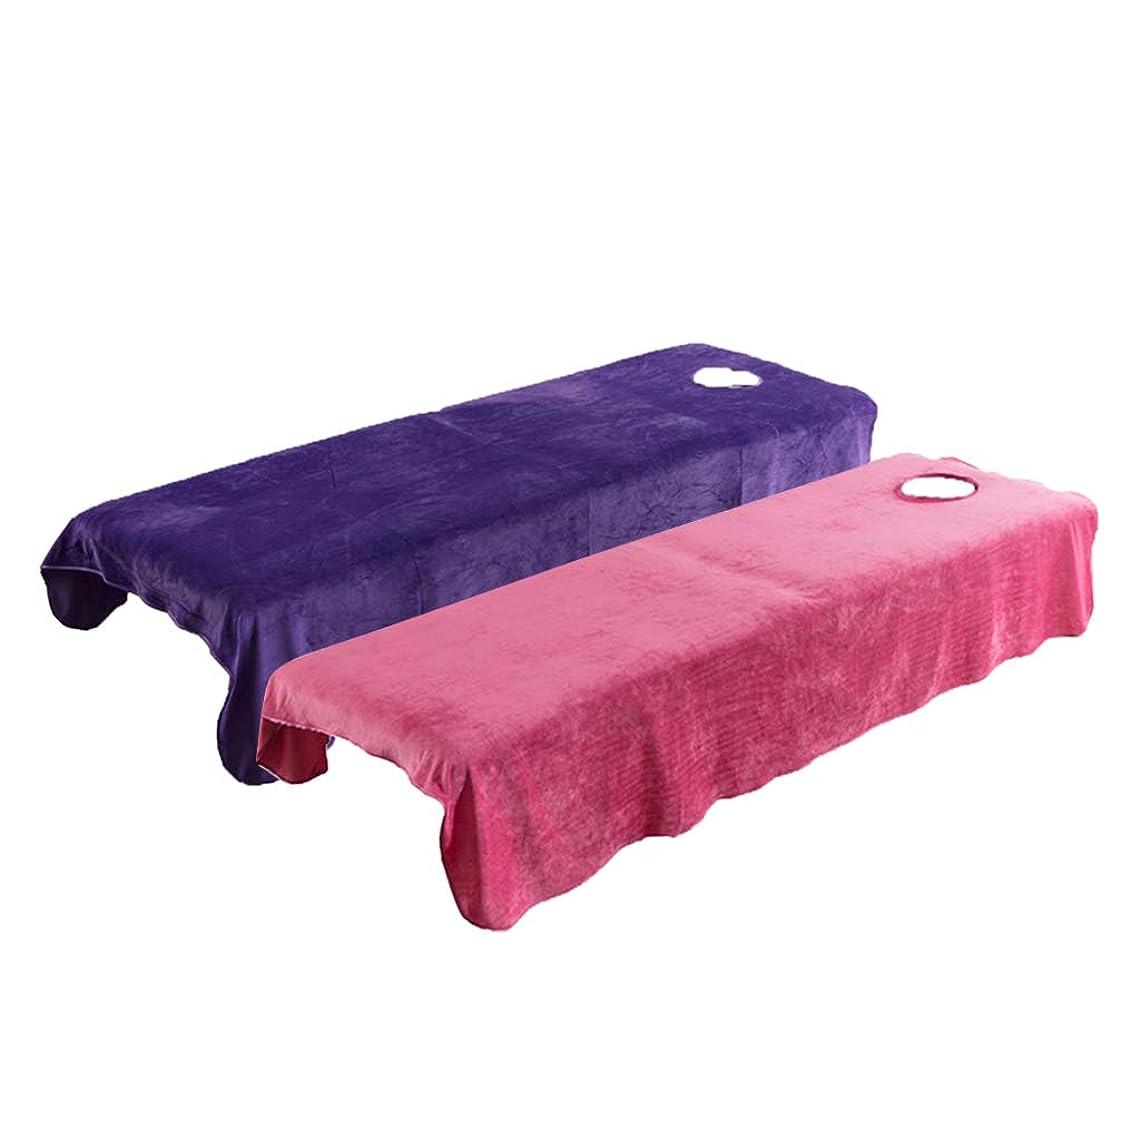 縮れた生物学争う2点セット マッサージベッドカバー 有孔 スパ 美容ベッドカバー クリスタルベルベット素材 120x190cm